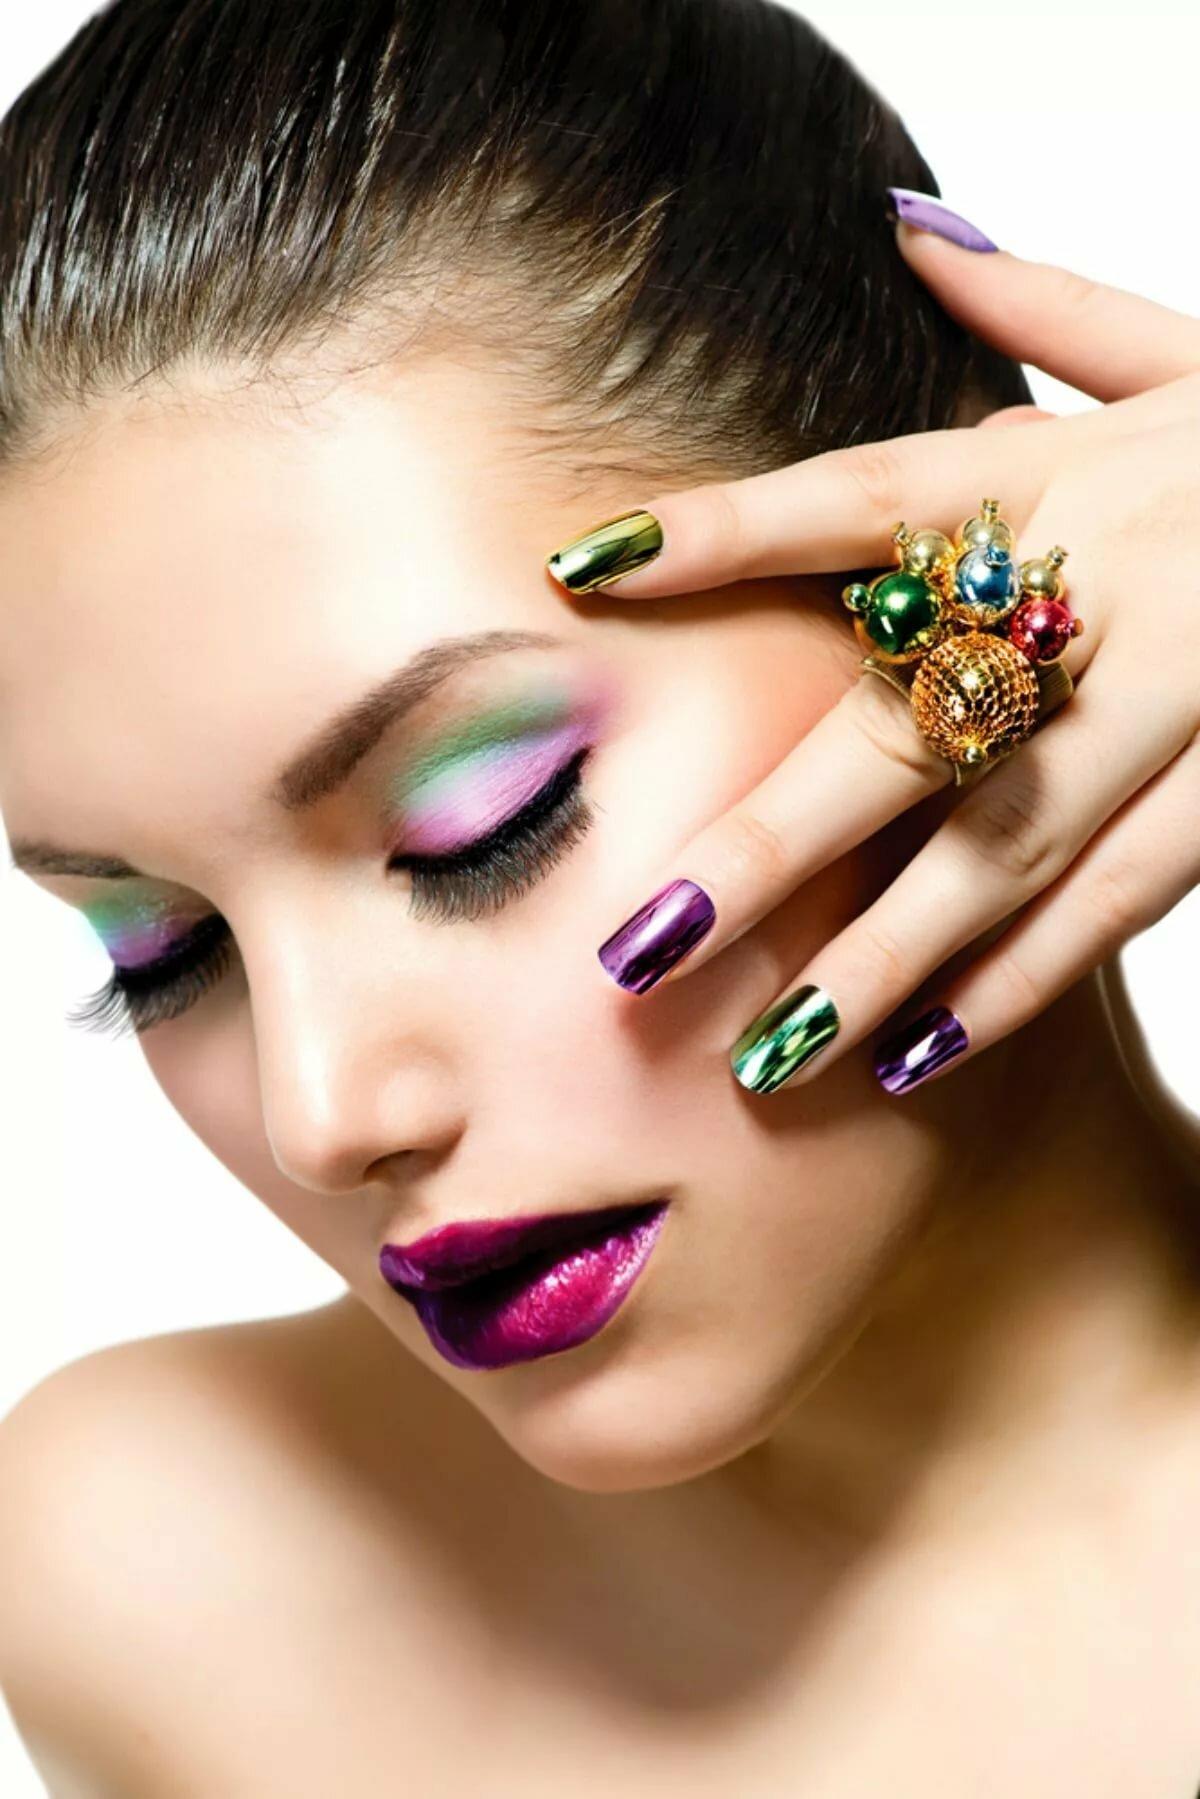 картинка макияжа и маникюра цветами должна стоять